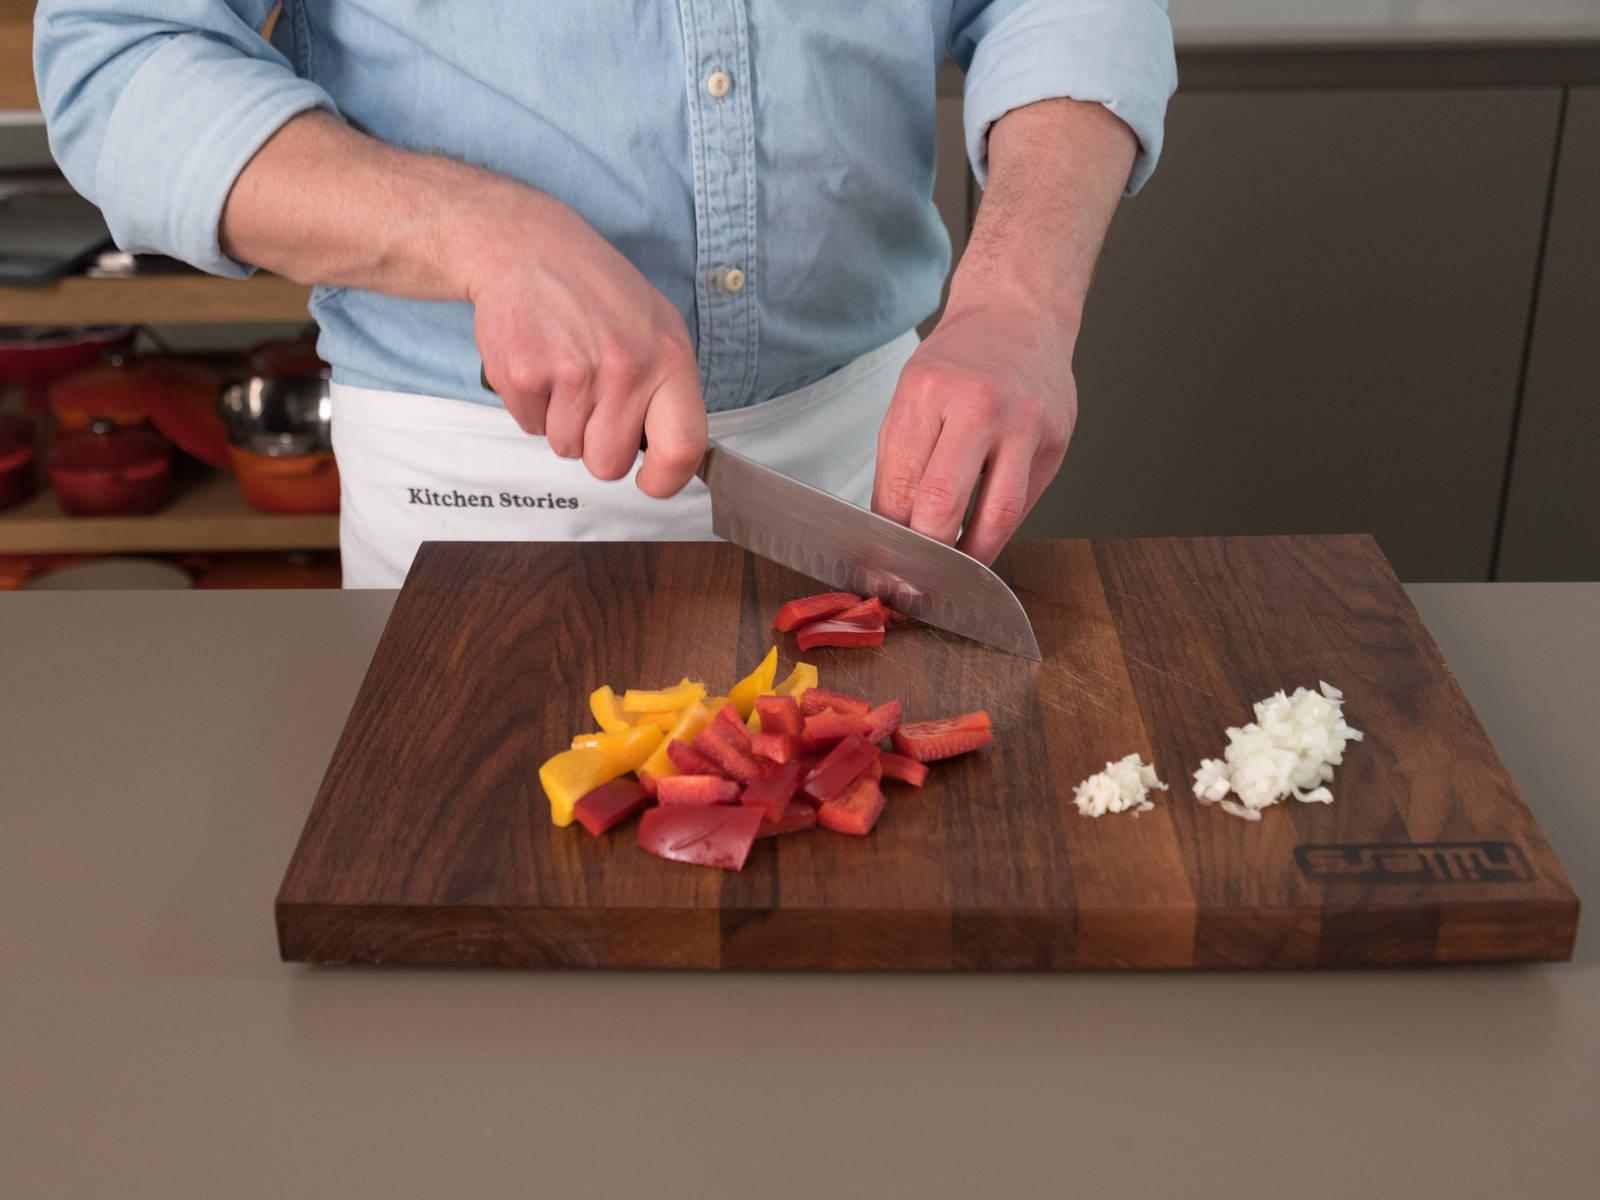 Zwiebel und Knoblauch schälen und fein würfeln. Paprika in mundgerechte Stücke schneiden. Garnelen und Tintenfisch vorbereiten.